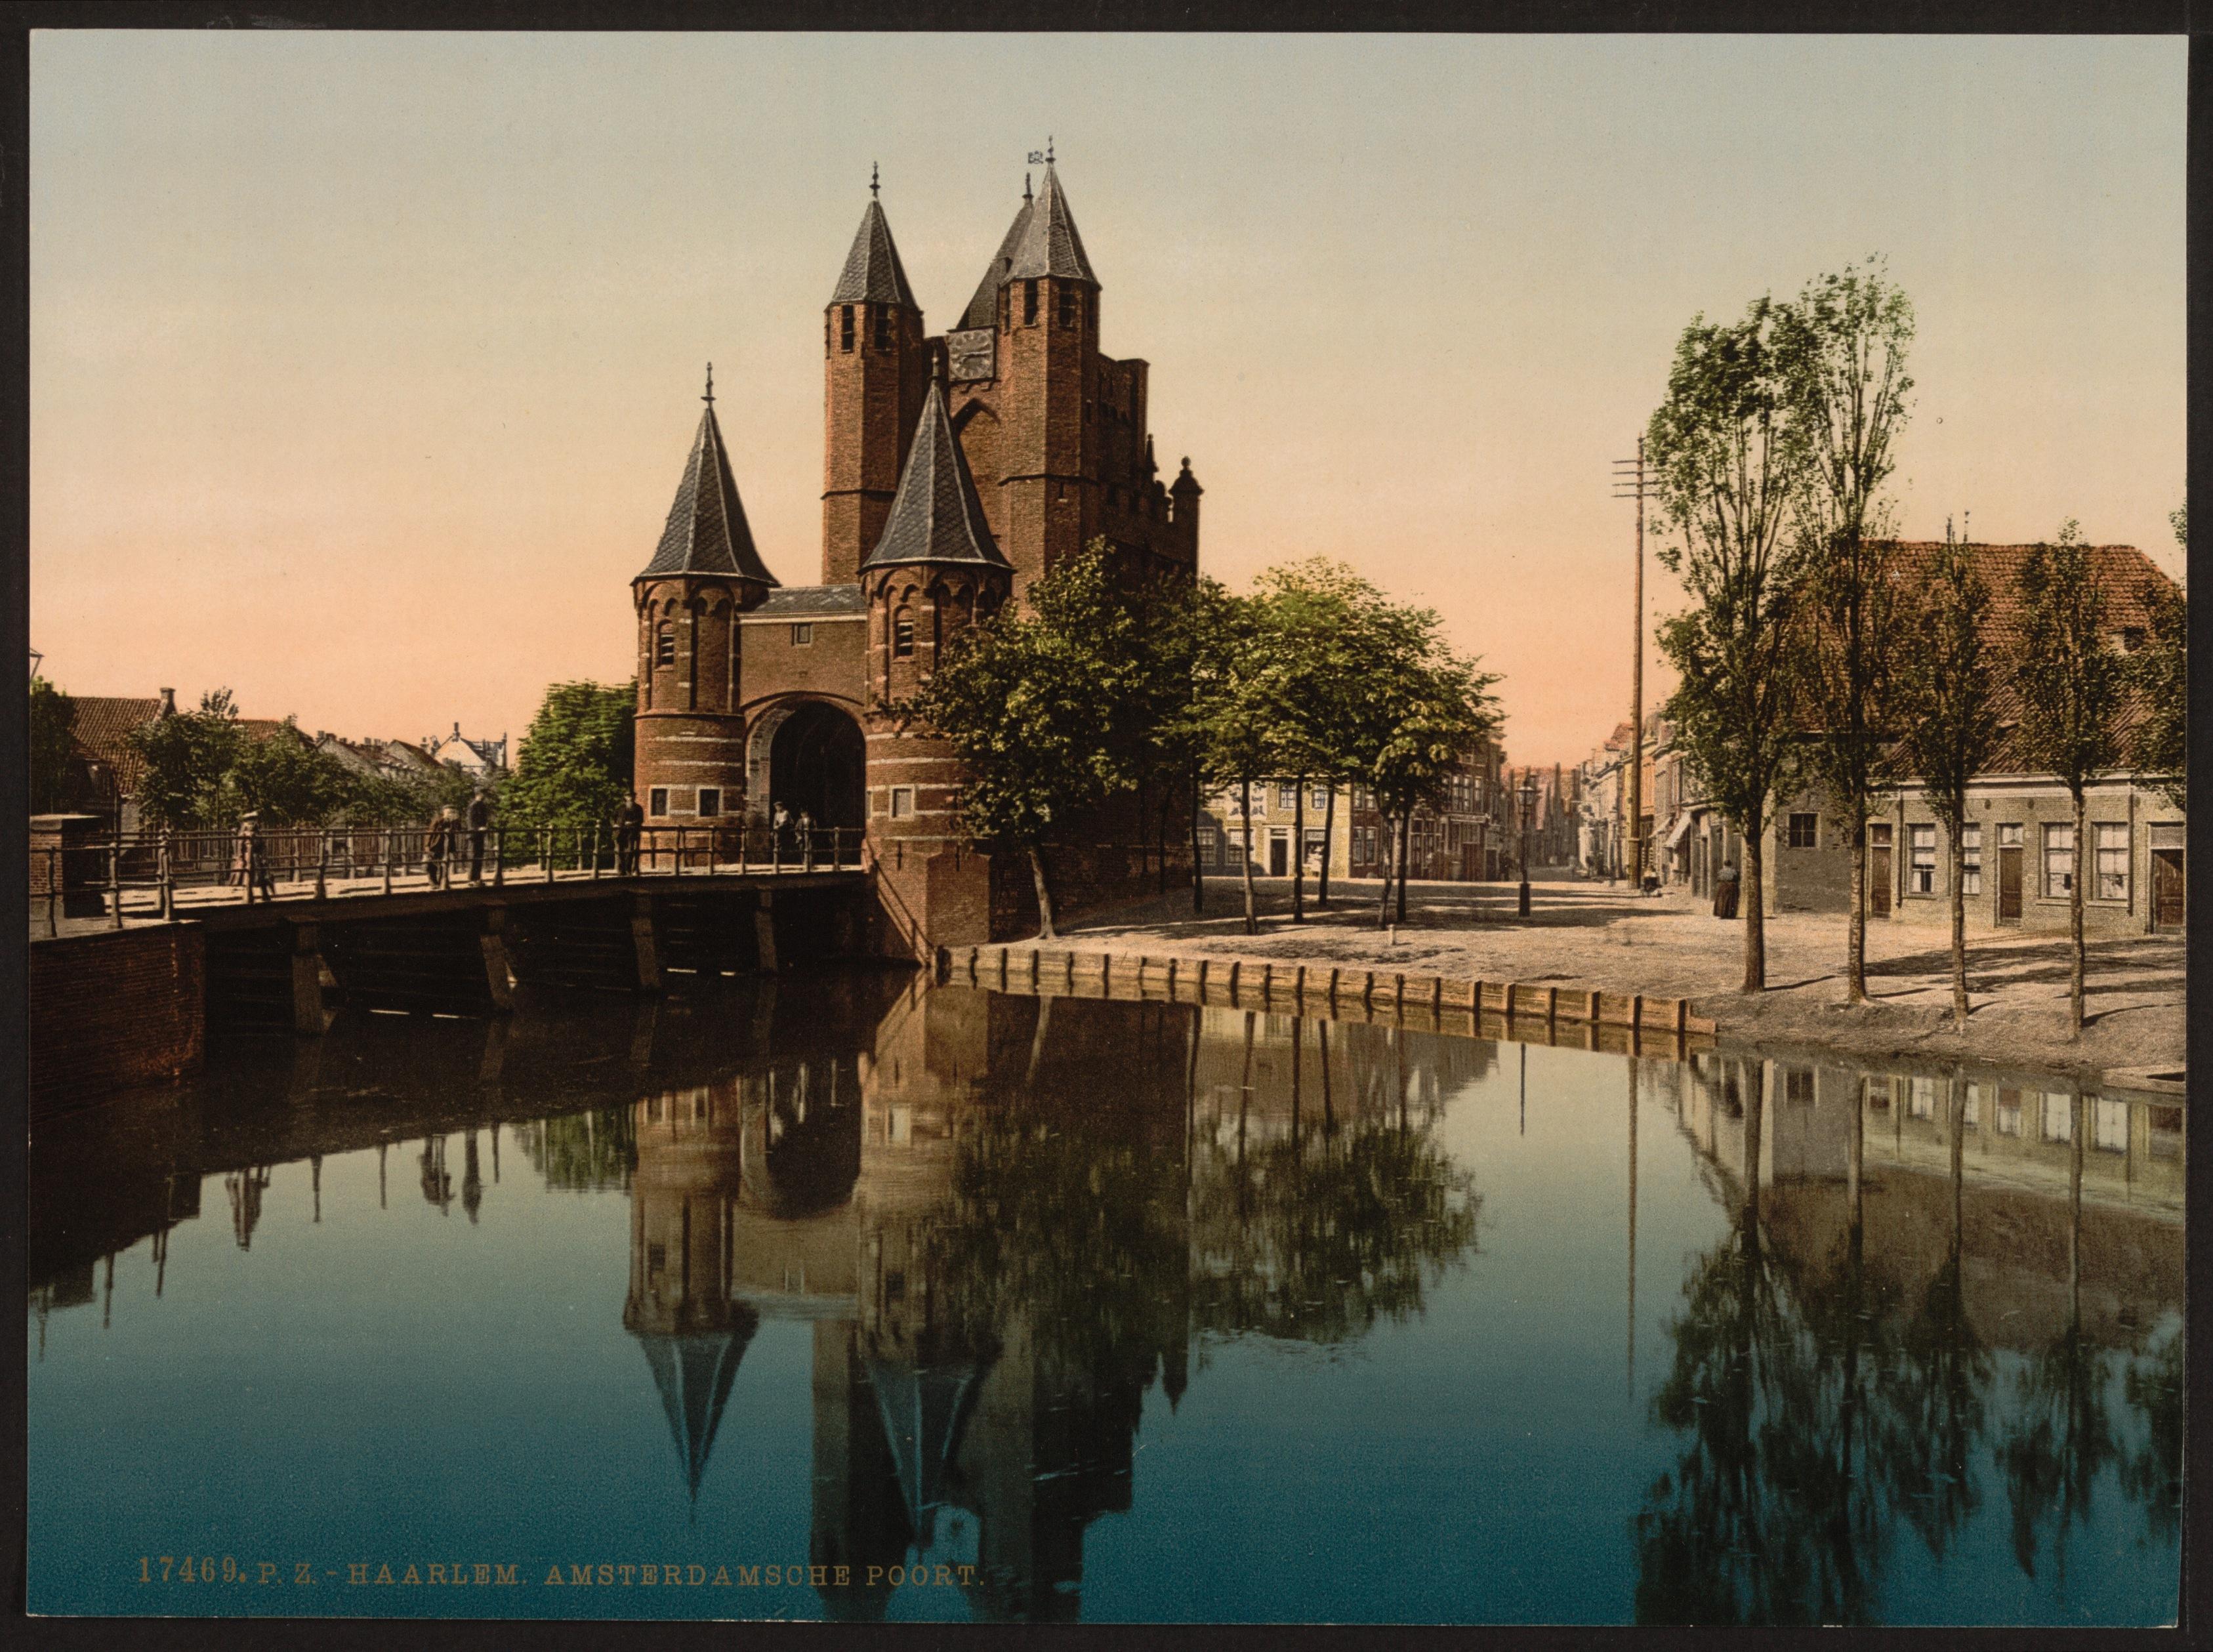 Gabeln (Small).jpg Gespraech (Small).jpg Gruppenbild (Small).jpg Haarlem.